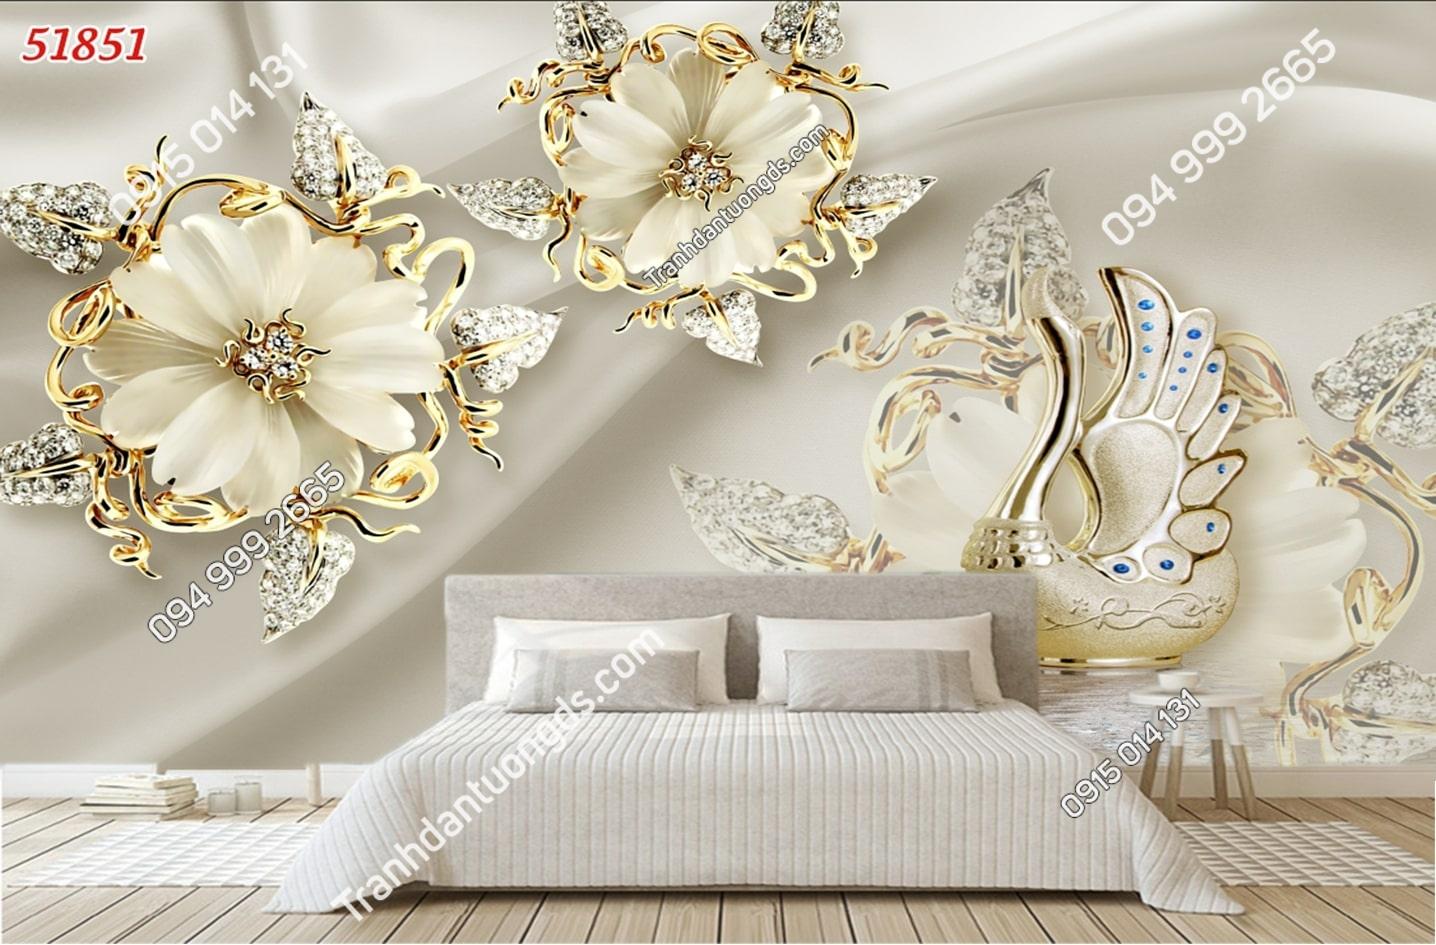 Tranh dán tường hoa 3D trắng giả ngọc 51851